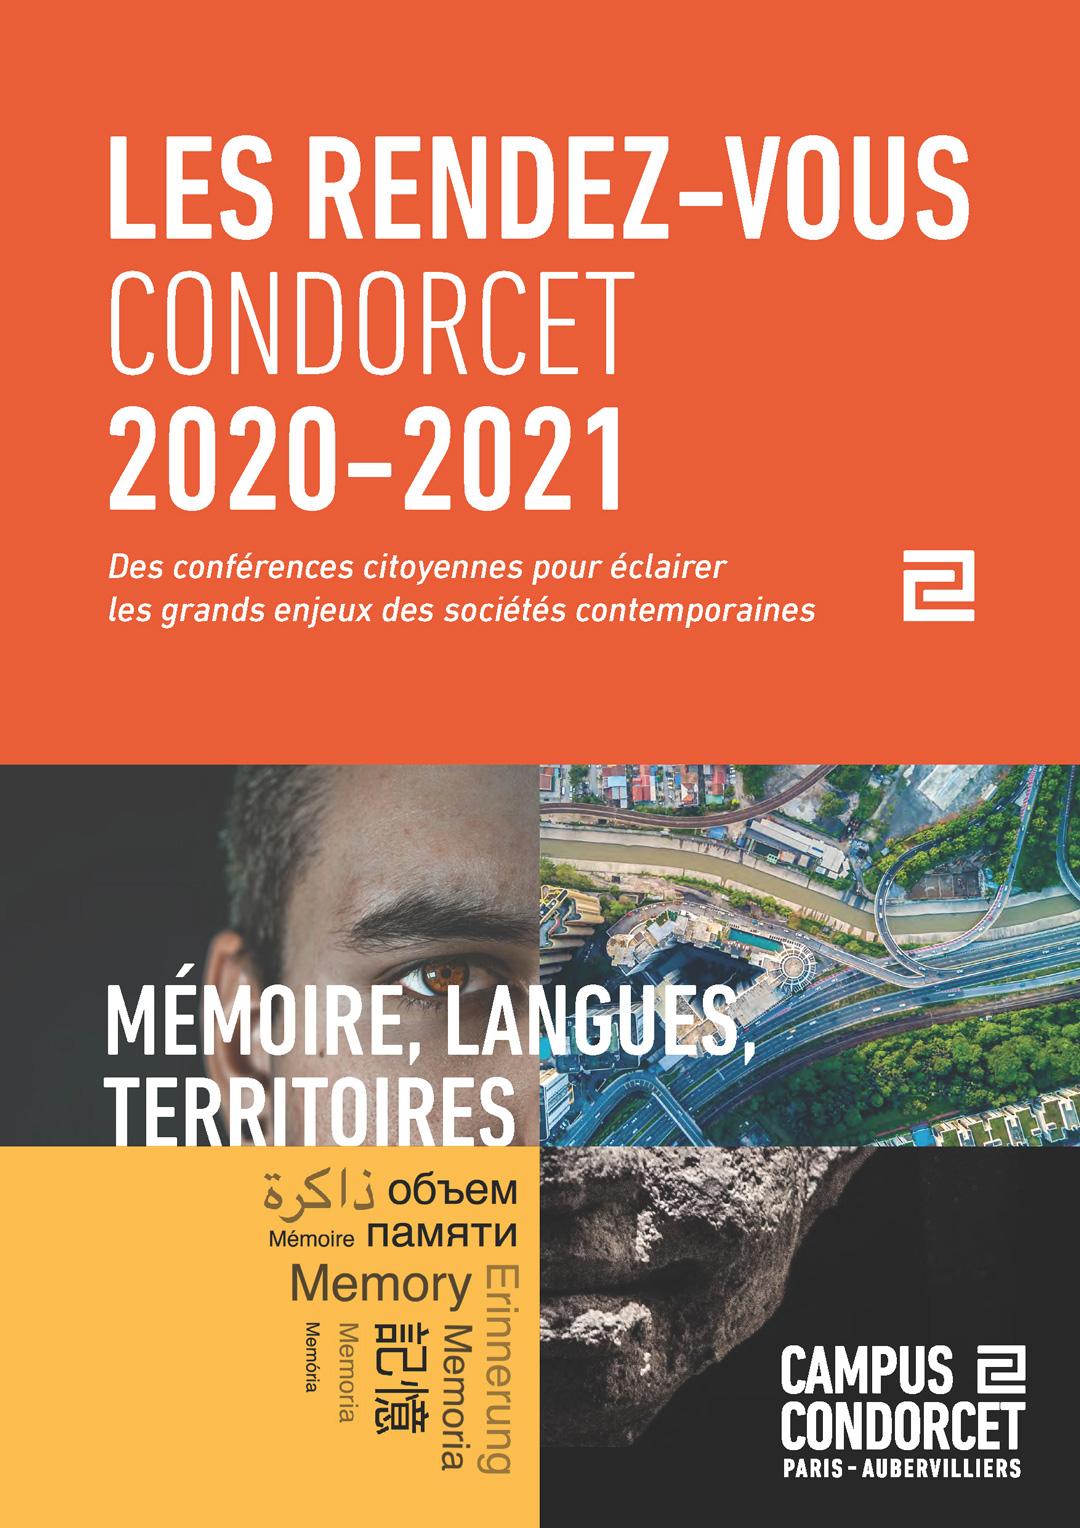 Affiche des Rendez-Vous Condorcet 2020-2021 Mémoire, langues, territoires